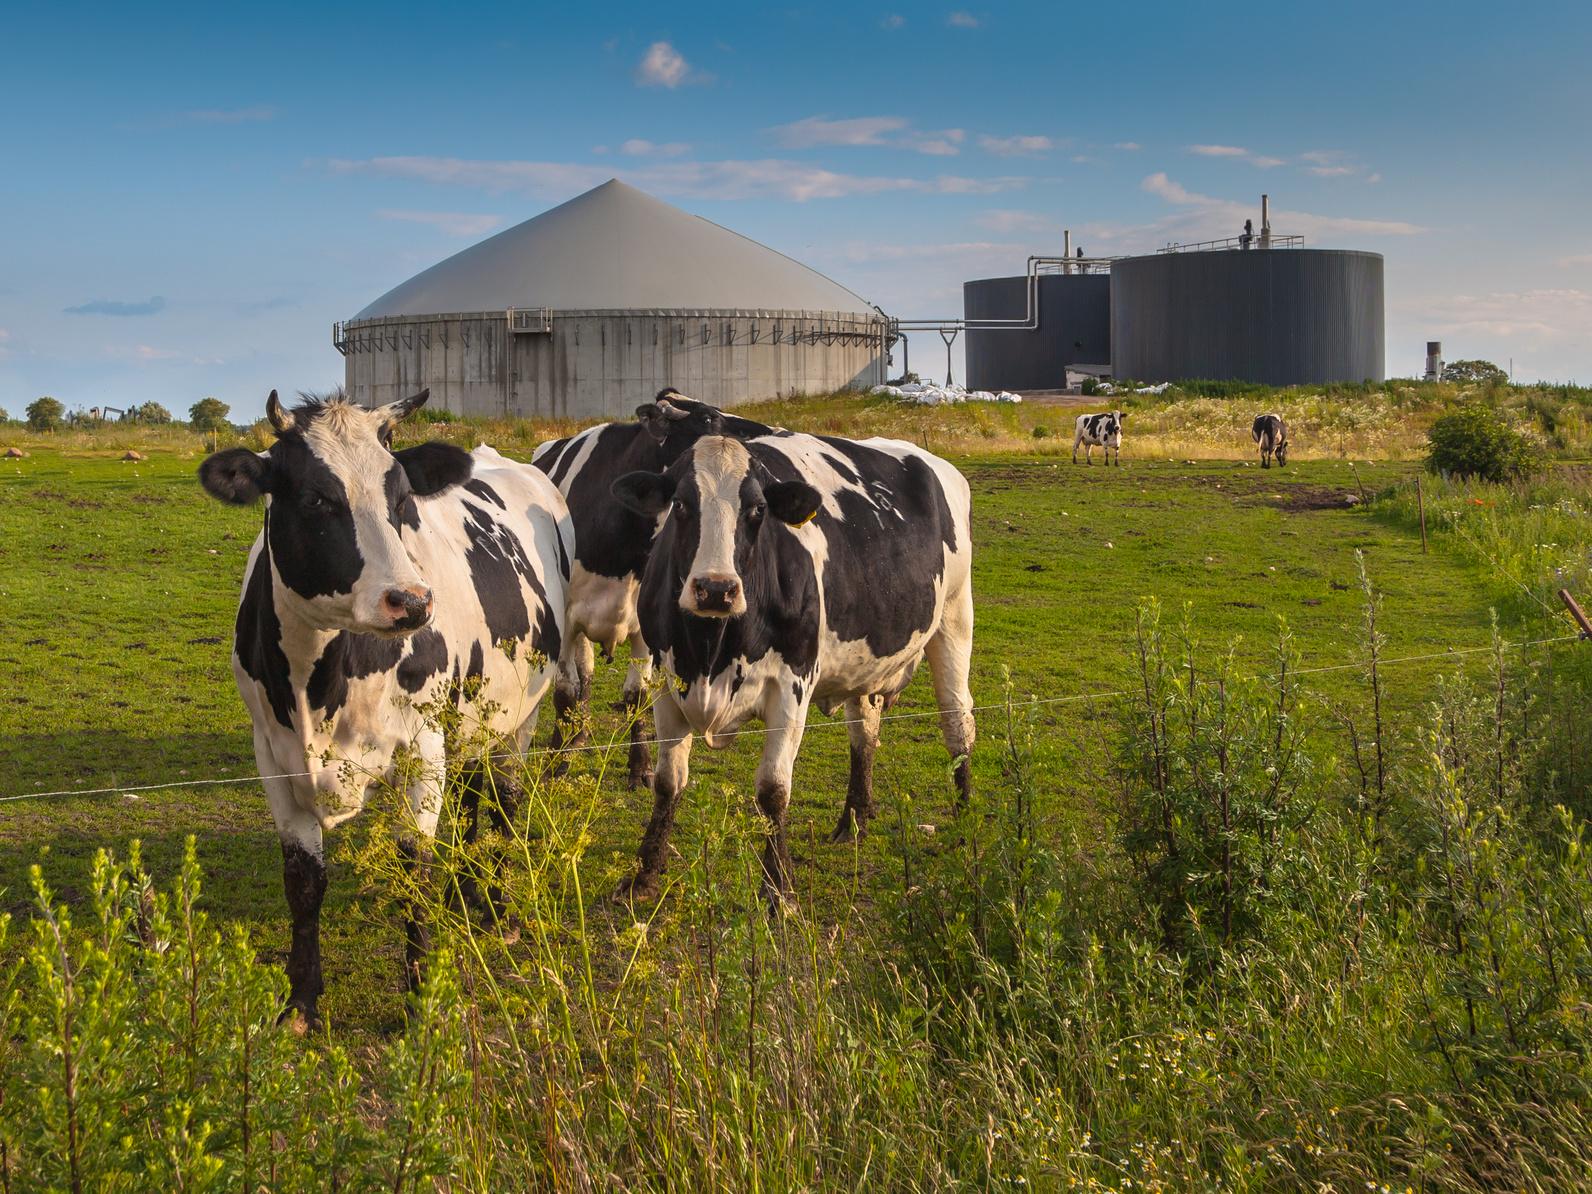 Kühe auf einer Weide, im Hintergrund eine Biogasanlage